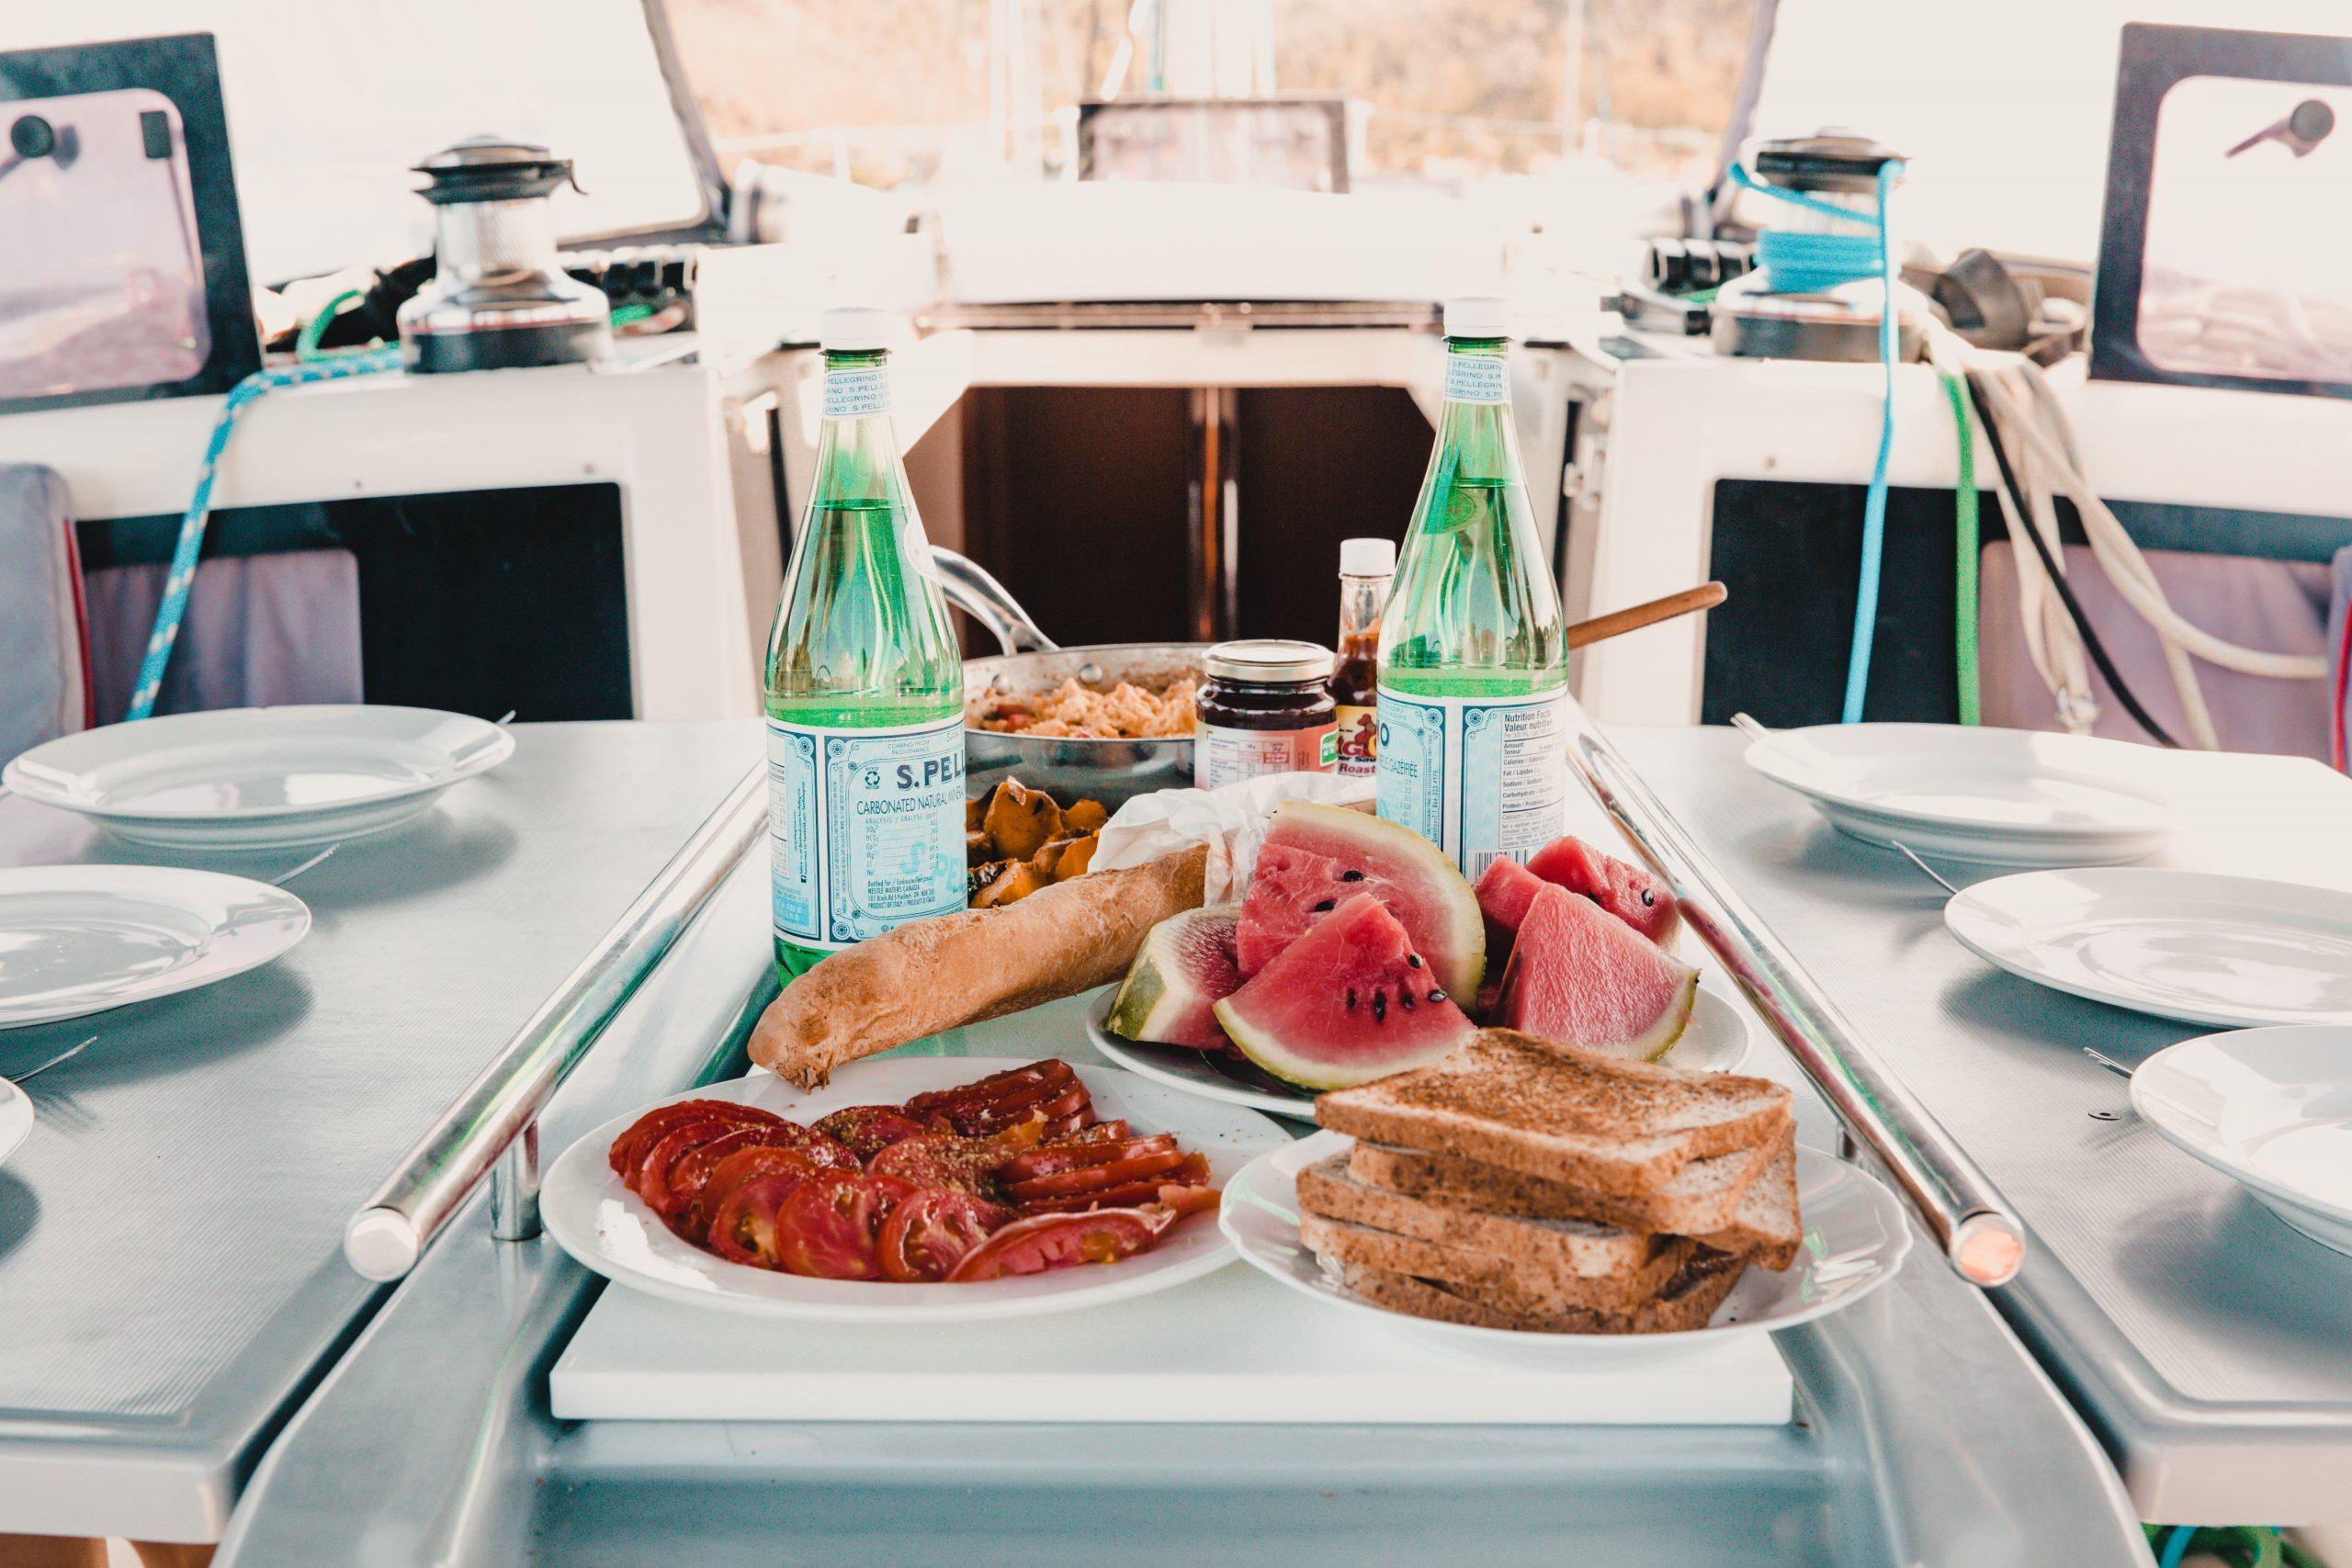 Croisière sans équipage : 4 façons de bien préparer votre avitaillement- Dream Yacht Charter